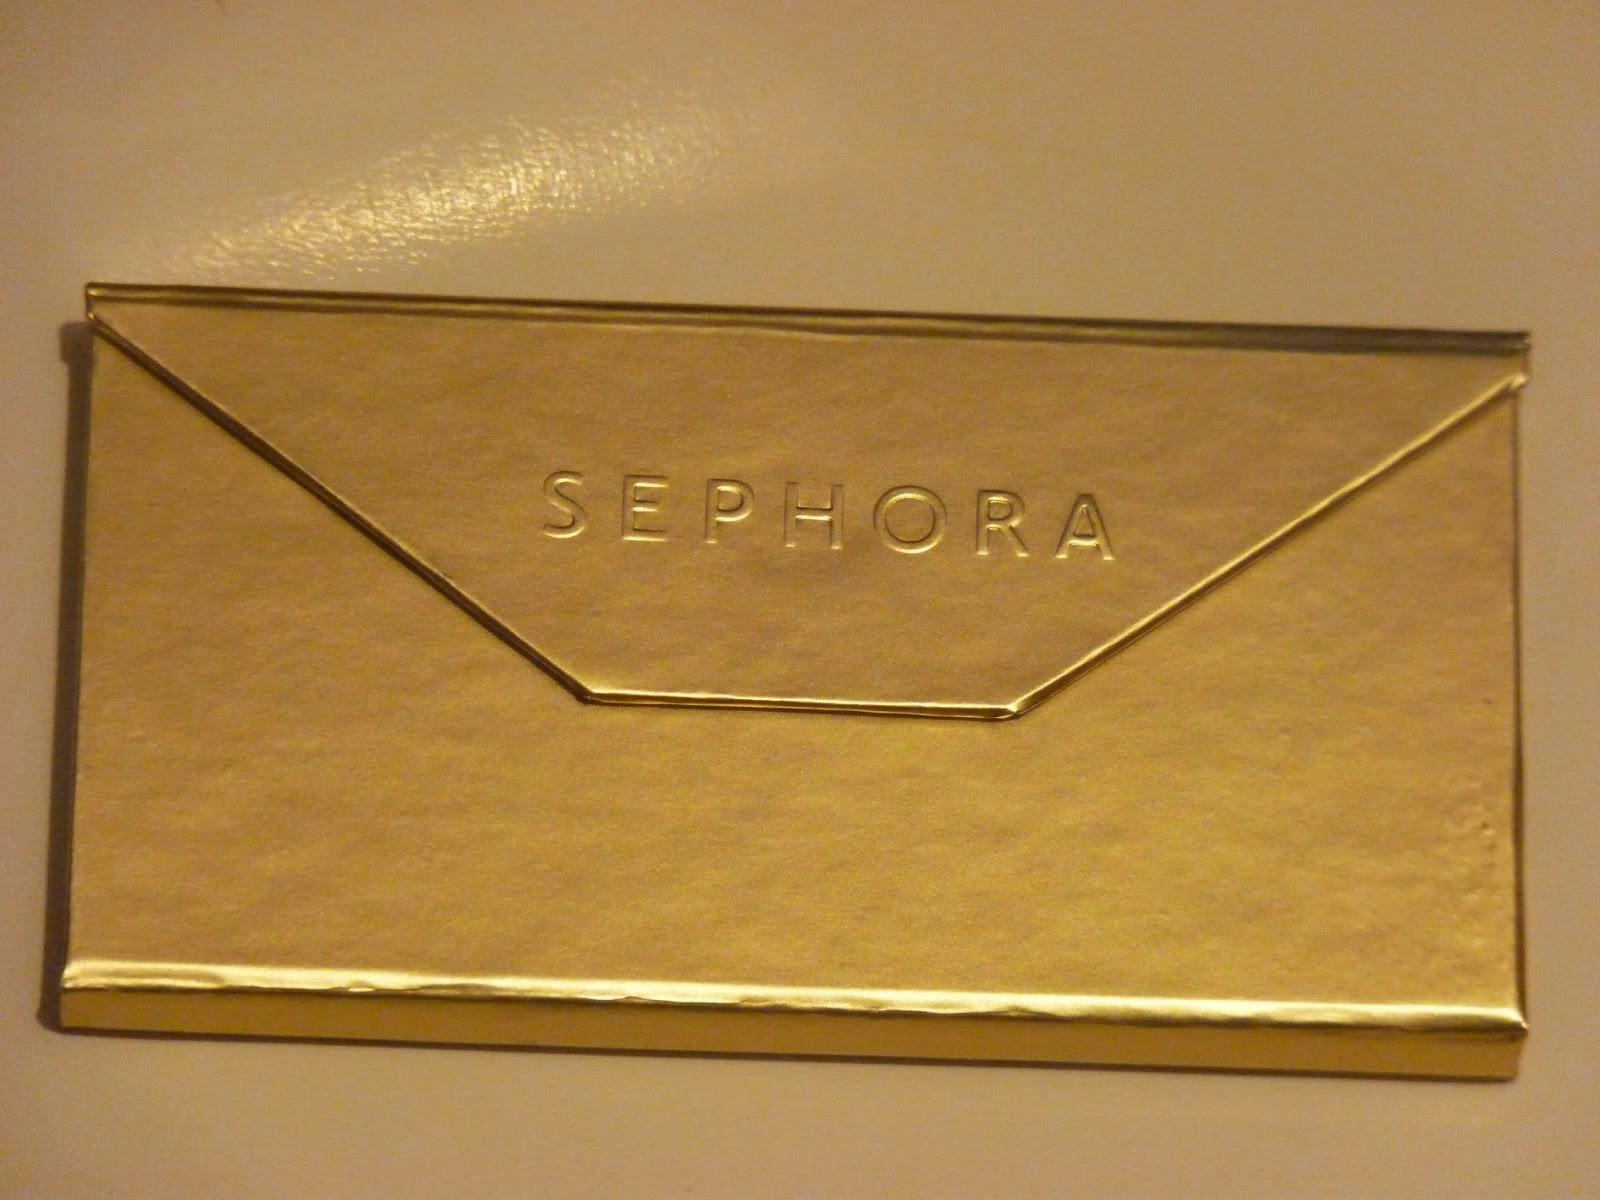 palettes yeux, sephora, VIP pass, dorré, nude, soirée, maquillage soirée, 9.99€